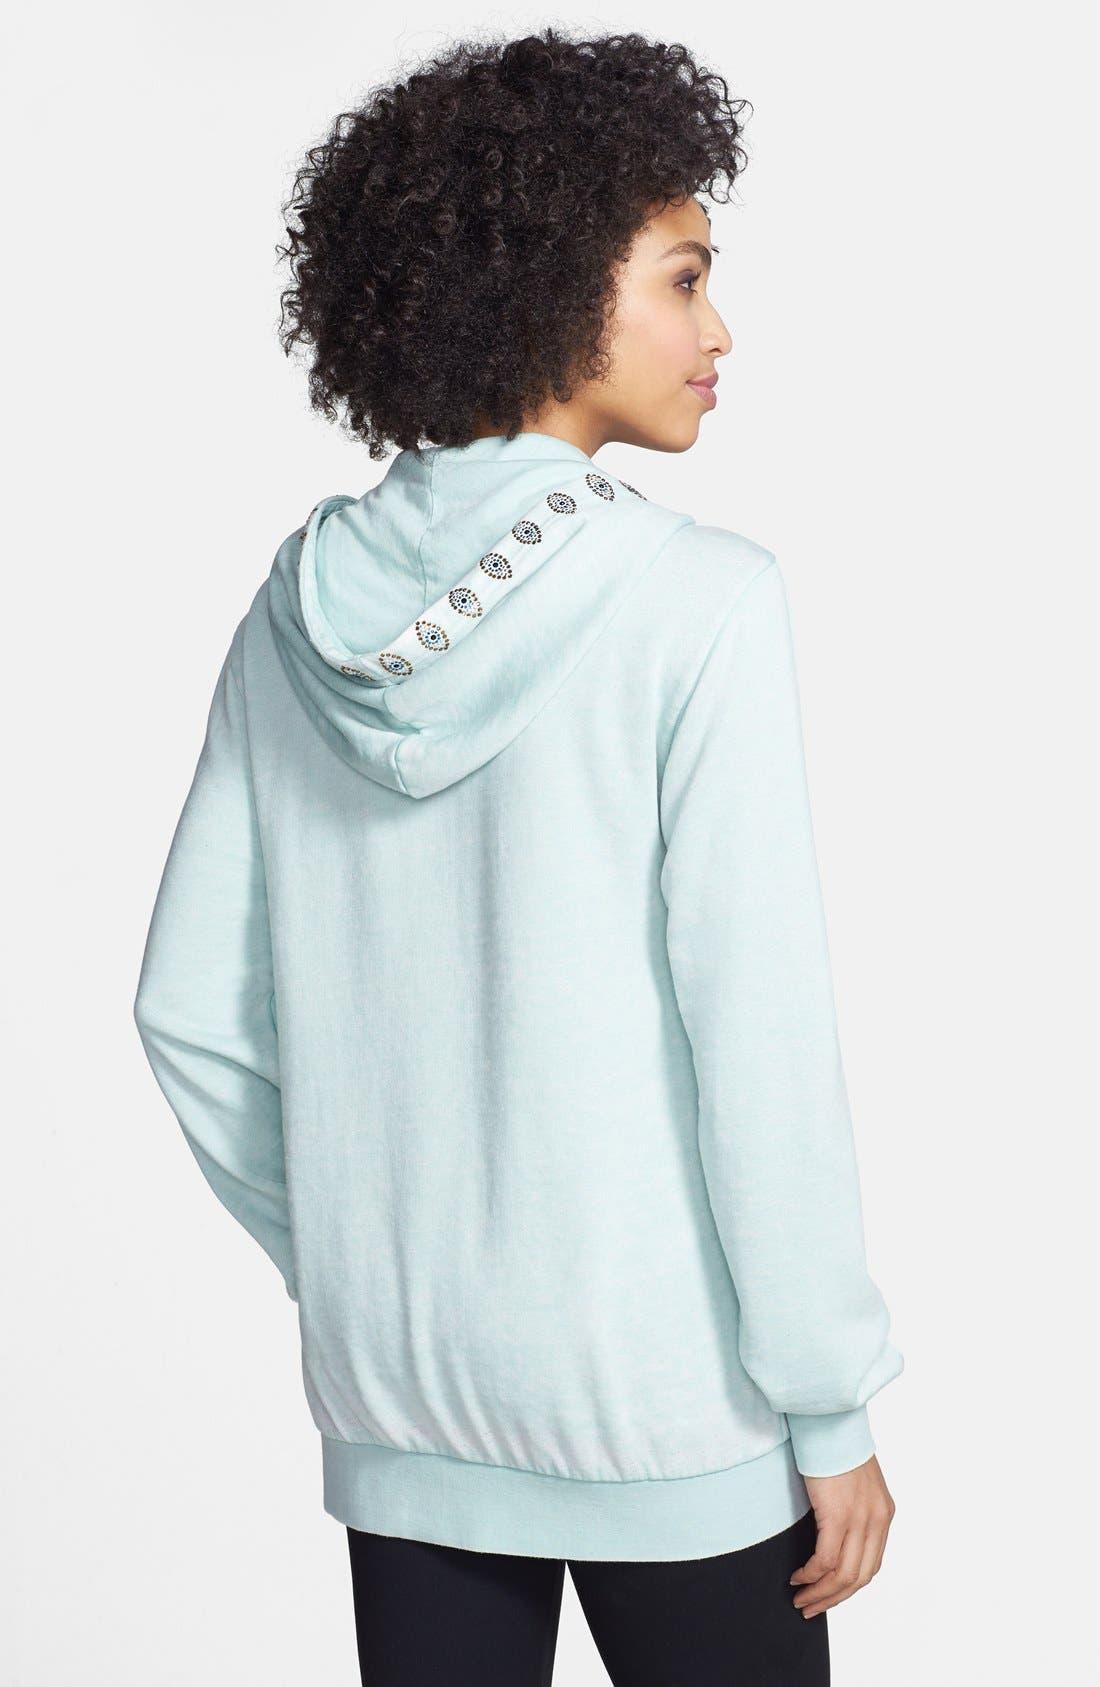 Alternate Image 1 Selected - Kings of Cole Full Zip Hooded Sweatshirt